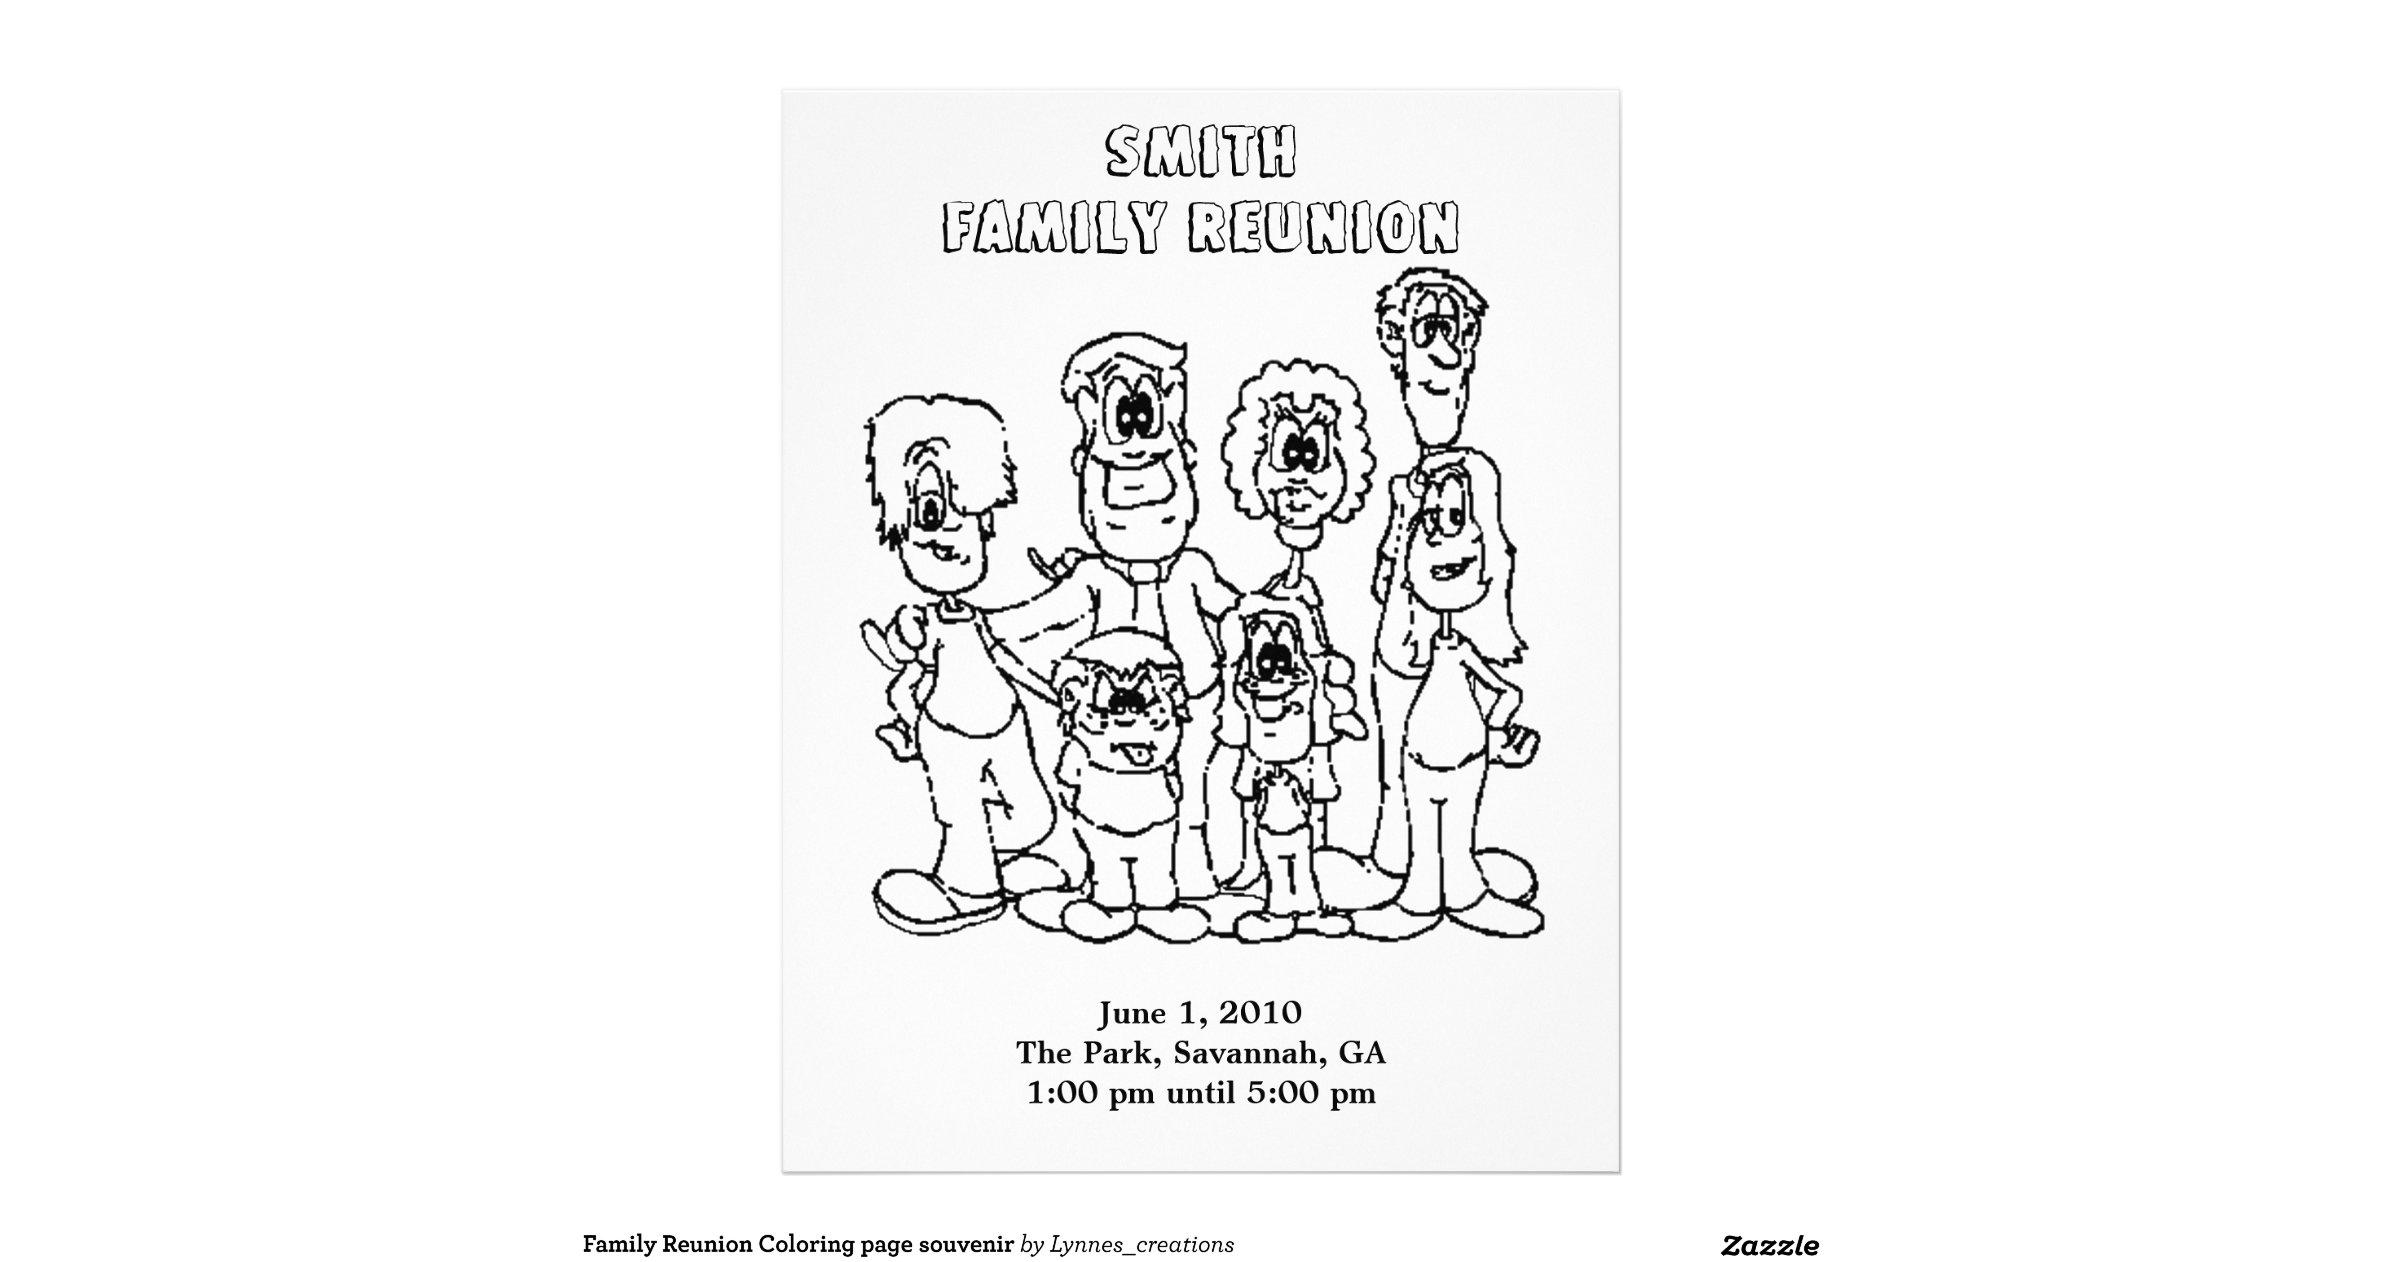 family_reunion_coloring_page_souvenir_letterhead